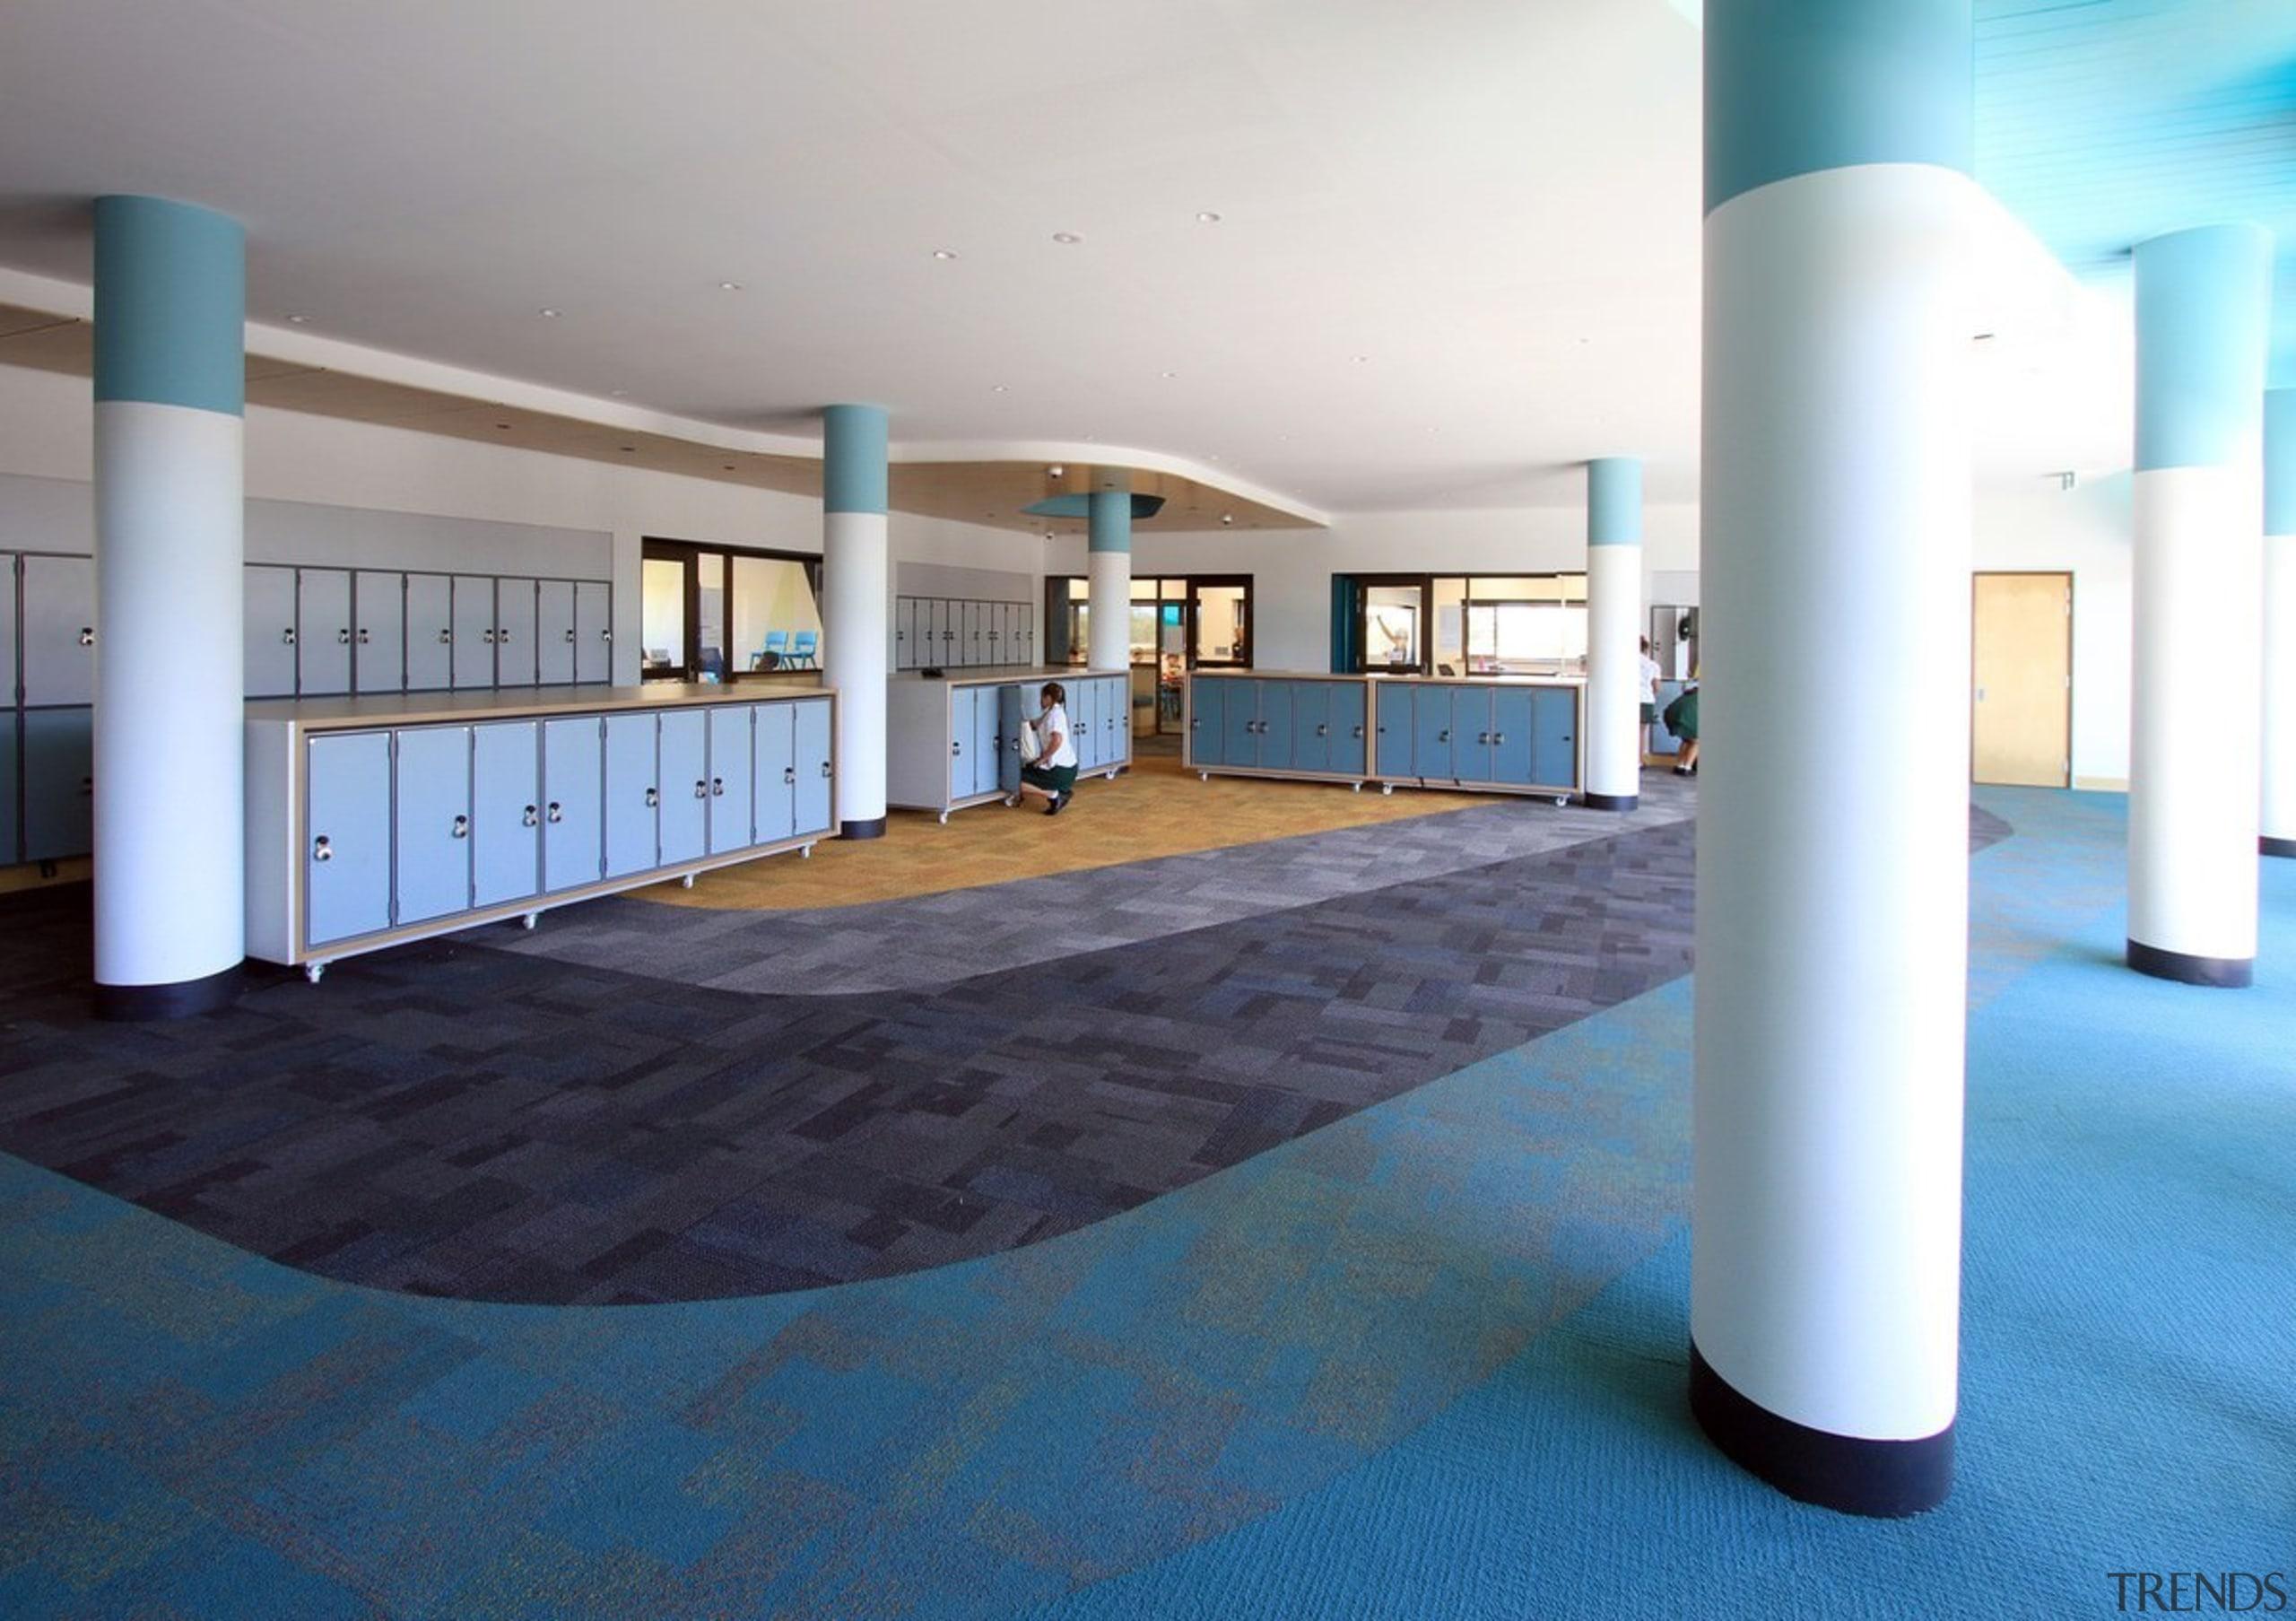 Bunbury Catholic College – Mercy Campus - Bunbury floor, flooring, interior design, leisure centre, lobby, real estate, structure, teal, white